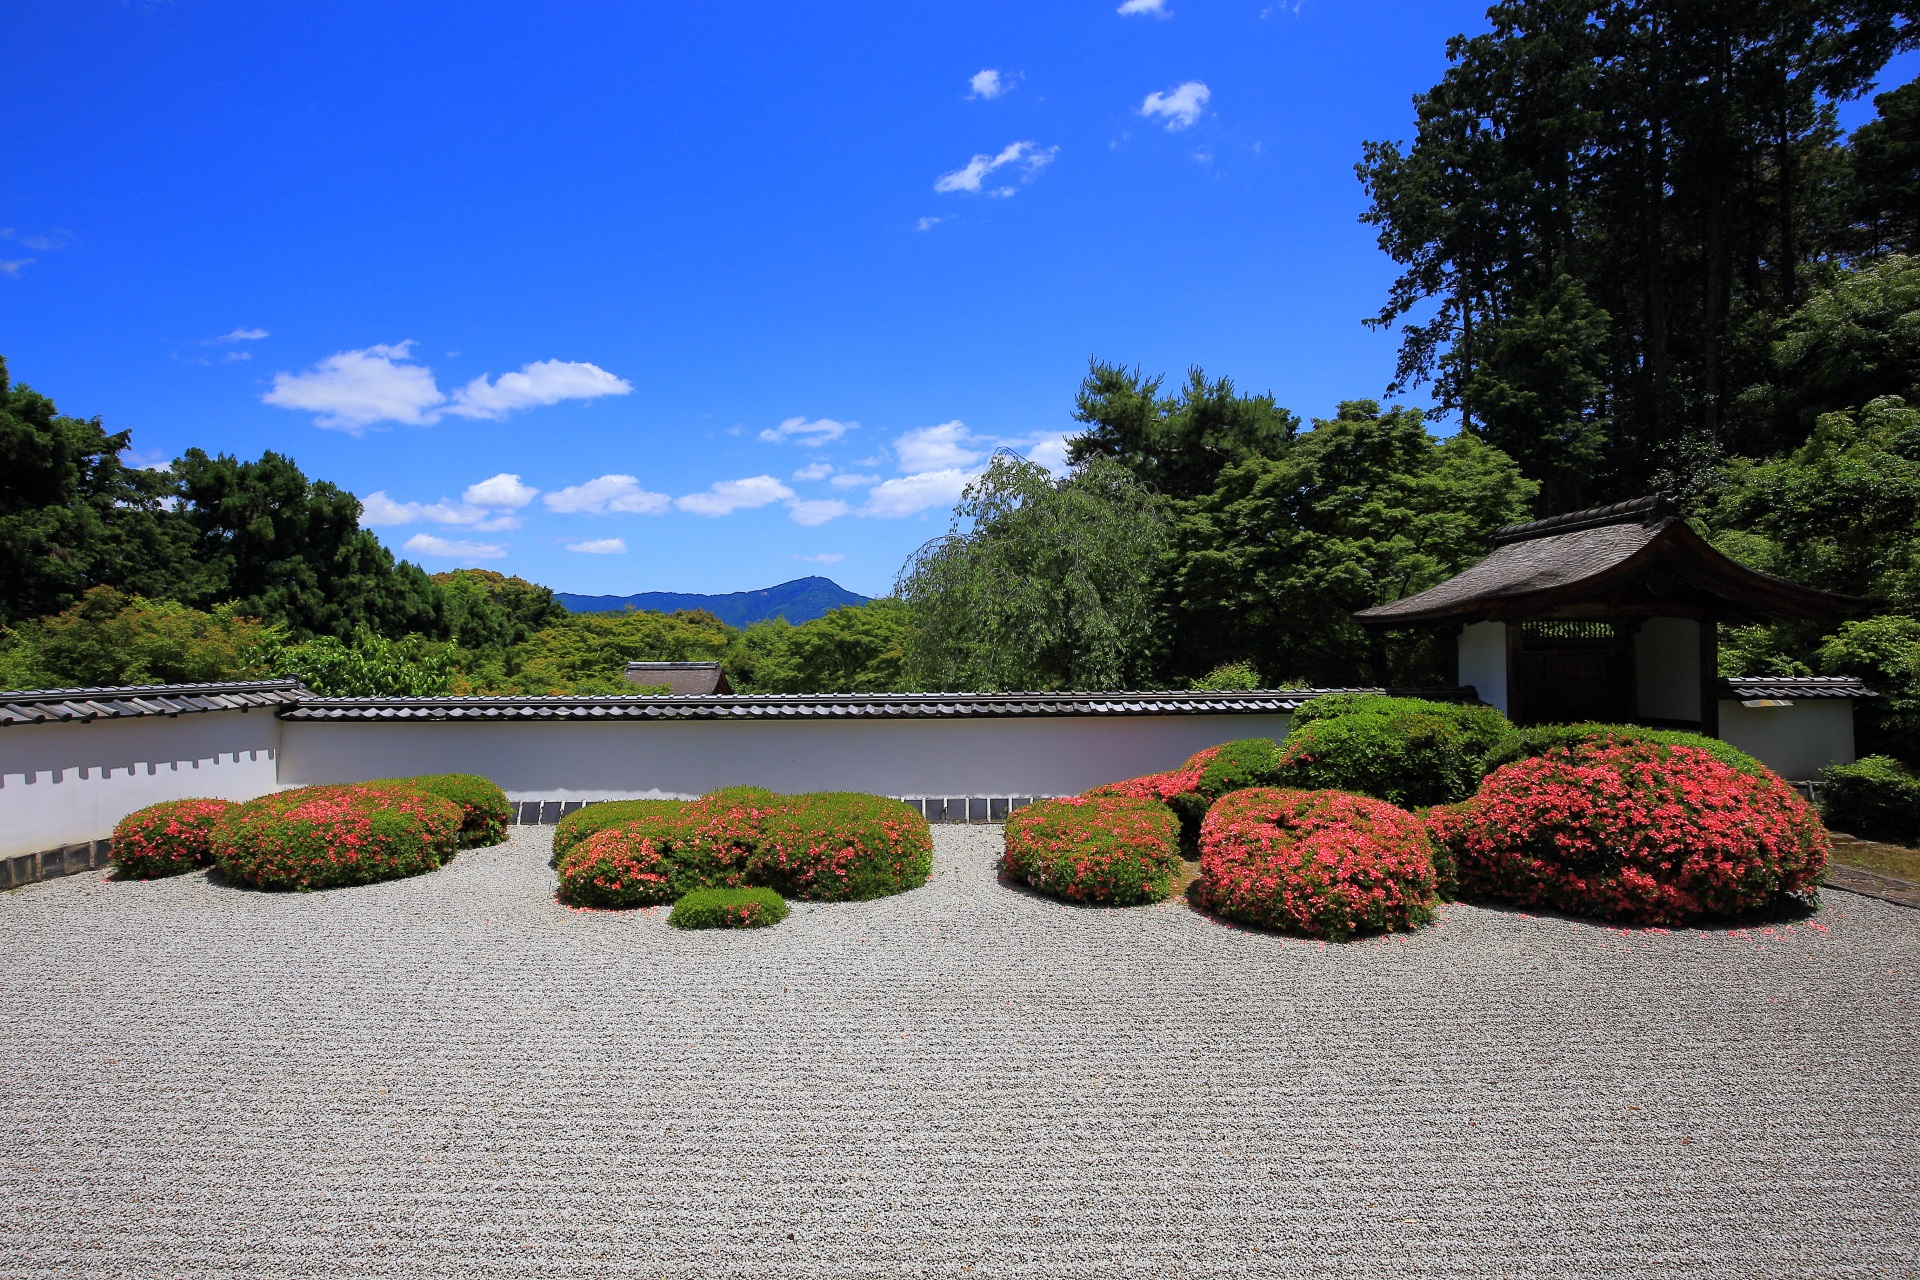 太陽が雲から出てきて日差しが強くなると煌びやかな庭園となる正伝寺(しょうでんじ)